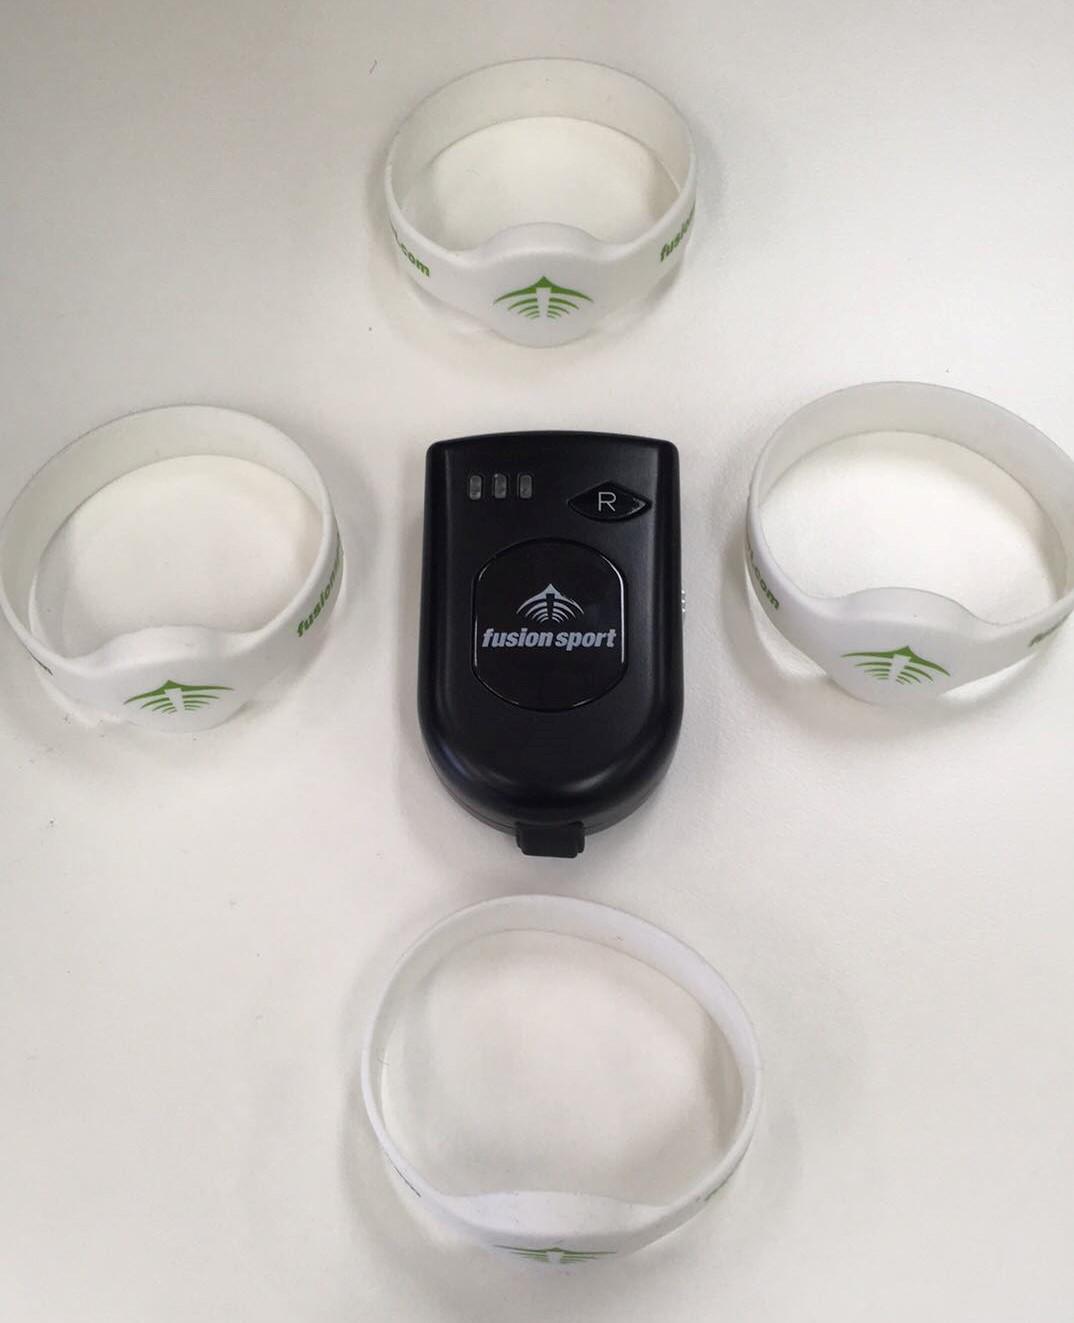 Image of Smartscan mobile RFID reader and athlete bands